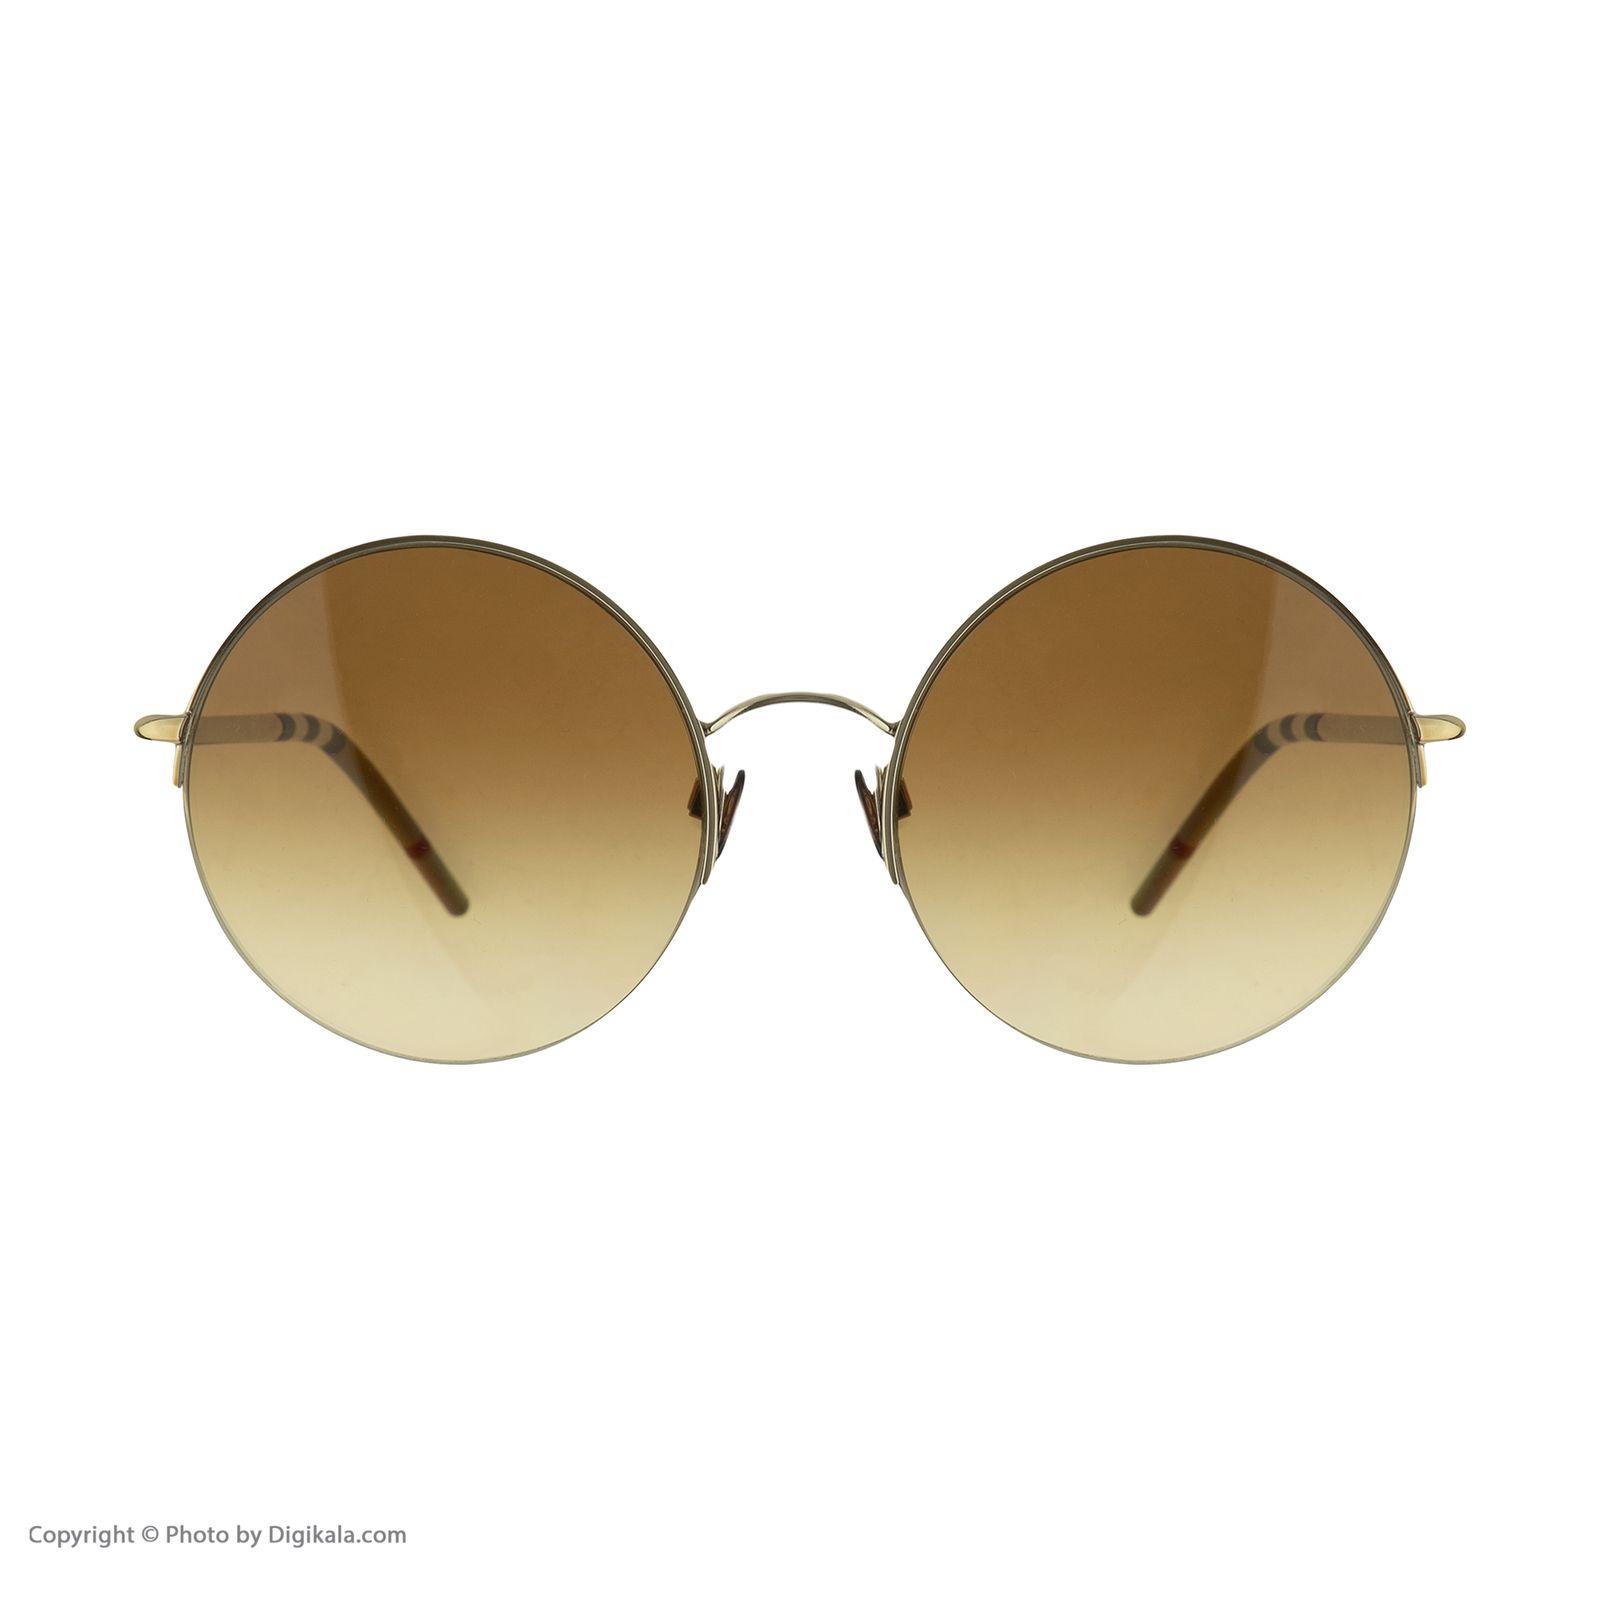 عینک آفتابی زنانه بربری مدل BE 3101S 11452L 54 -  - 3